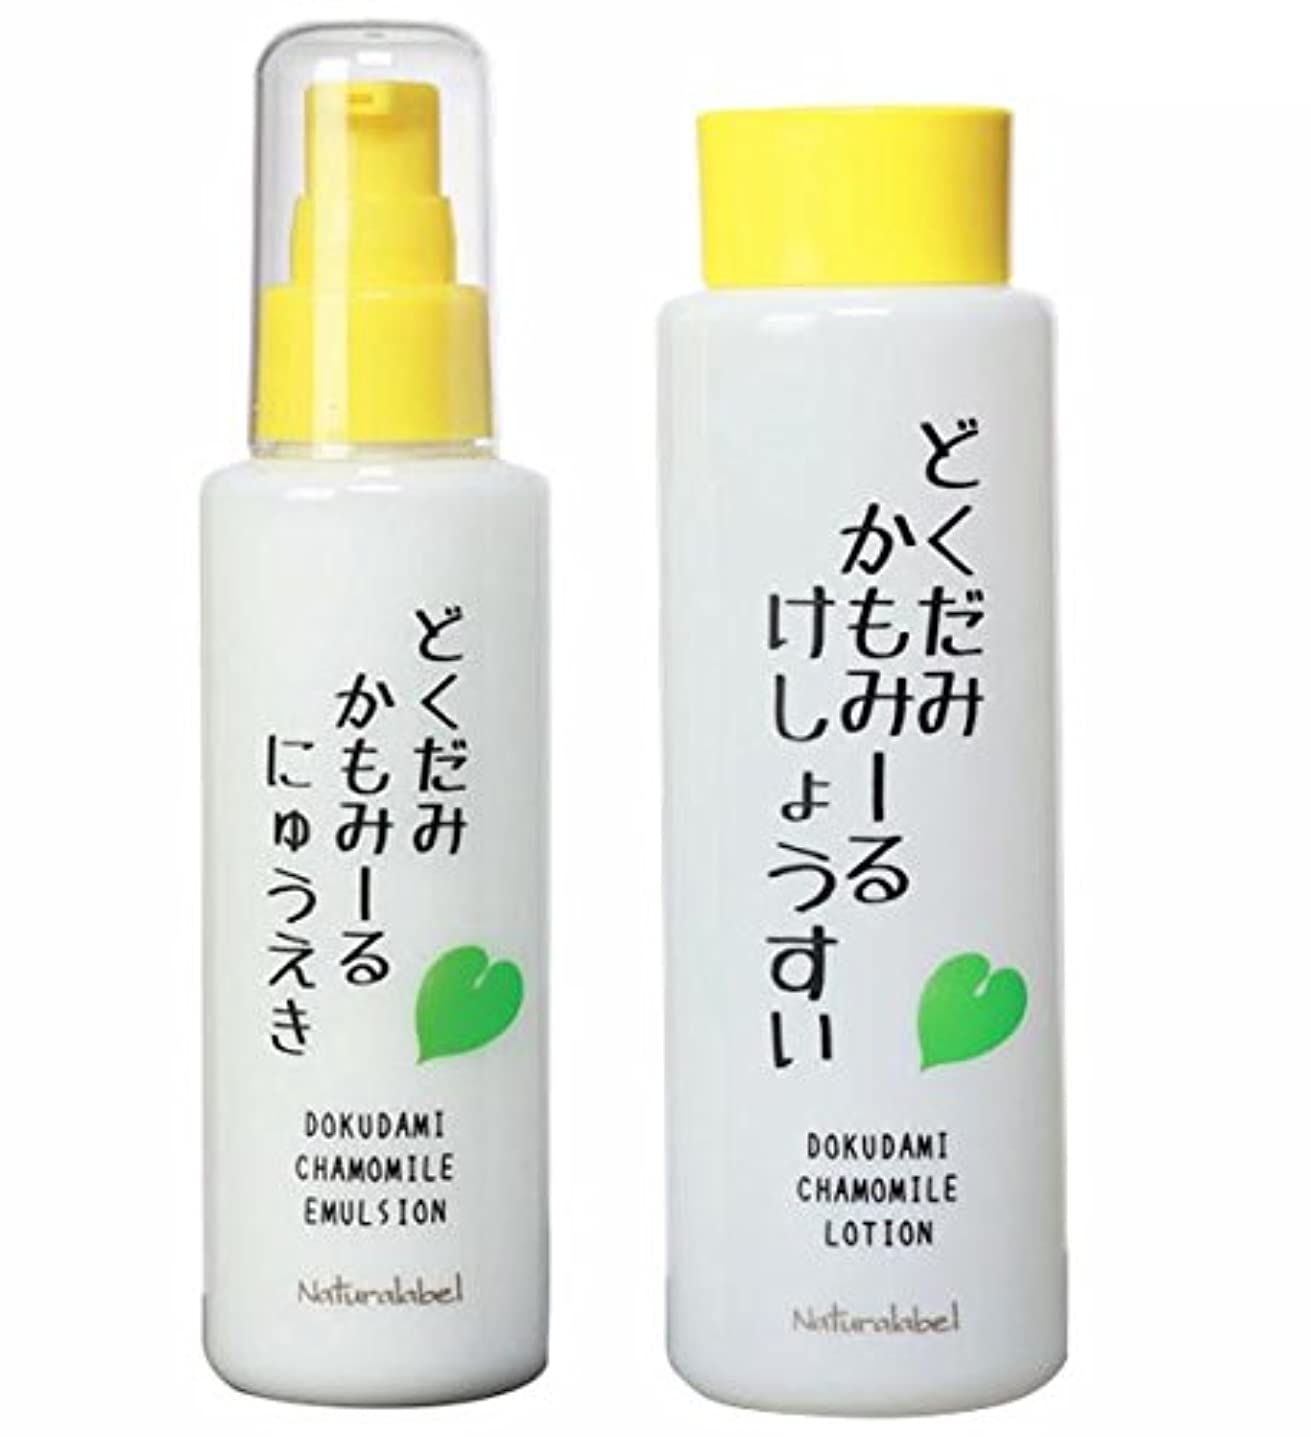 発生する連邦ケントどくだみかもみーる化粧品(化粧水+乳液セット)